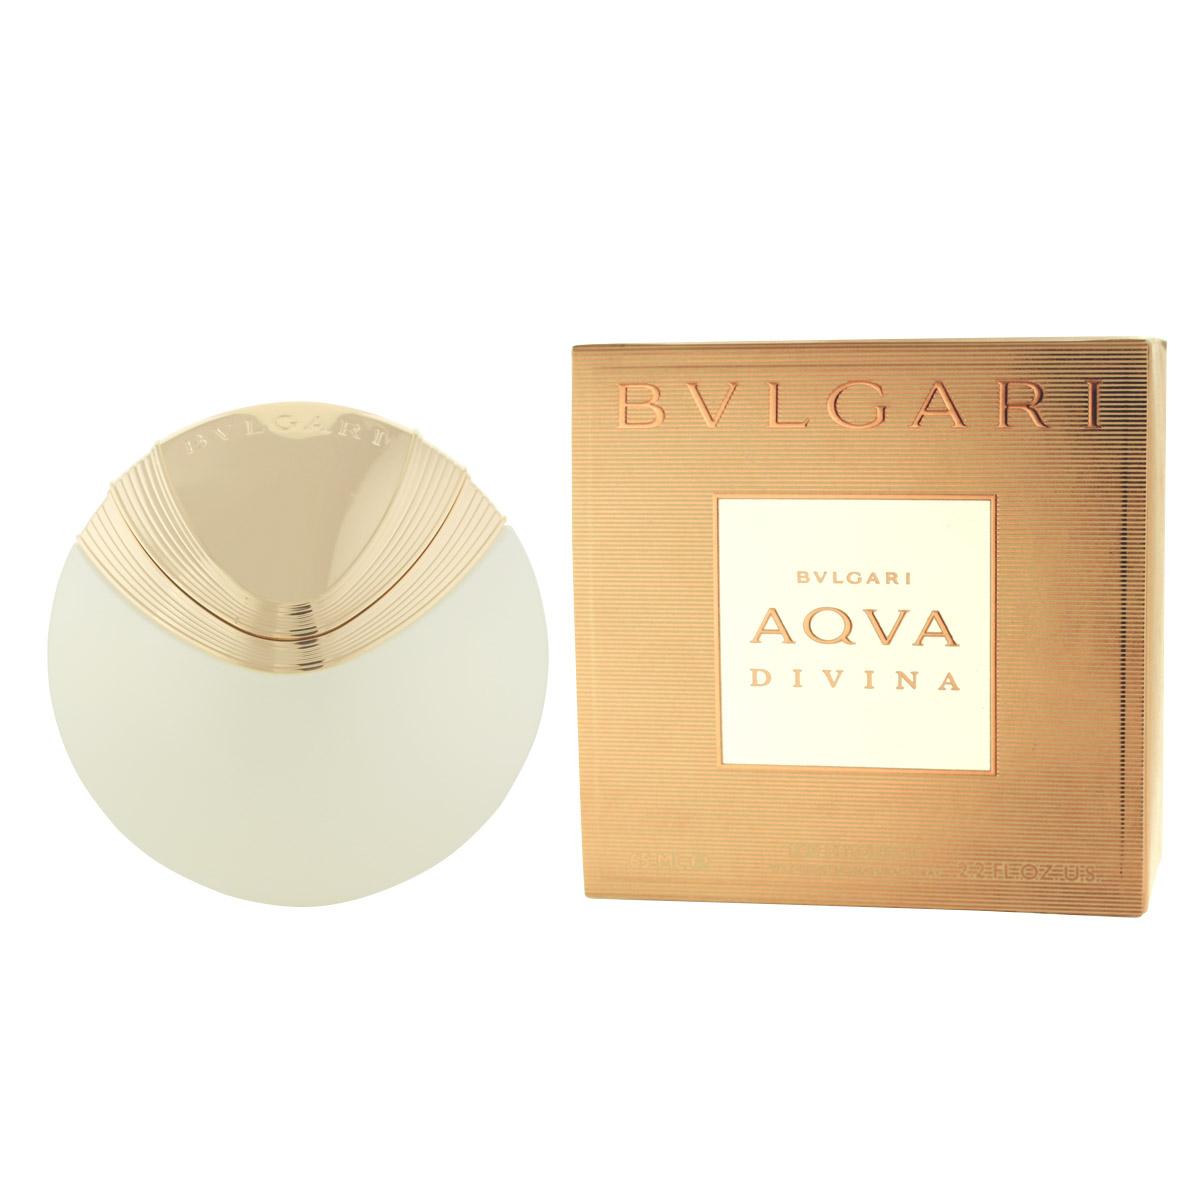 Bvlgari Aqva Divina EDT tester 65 ml W